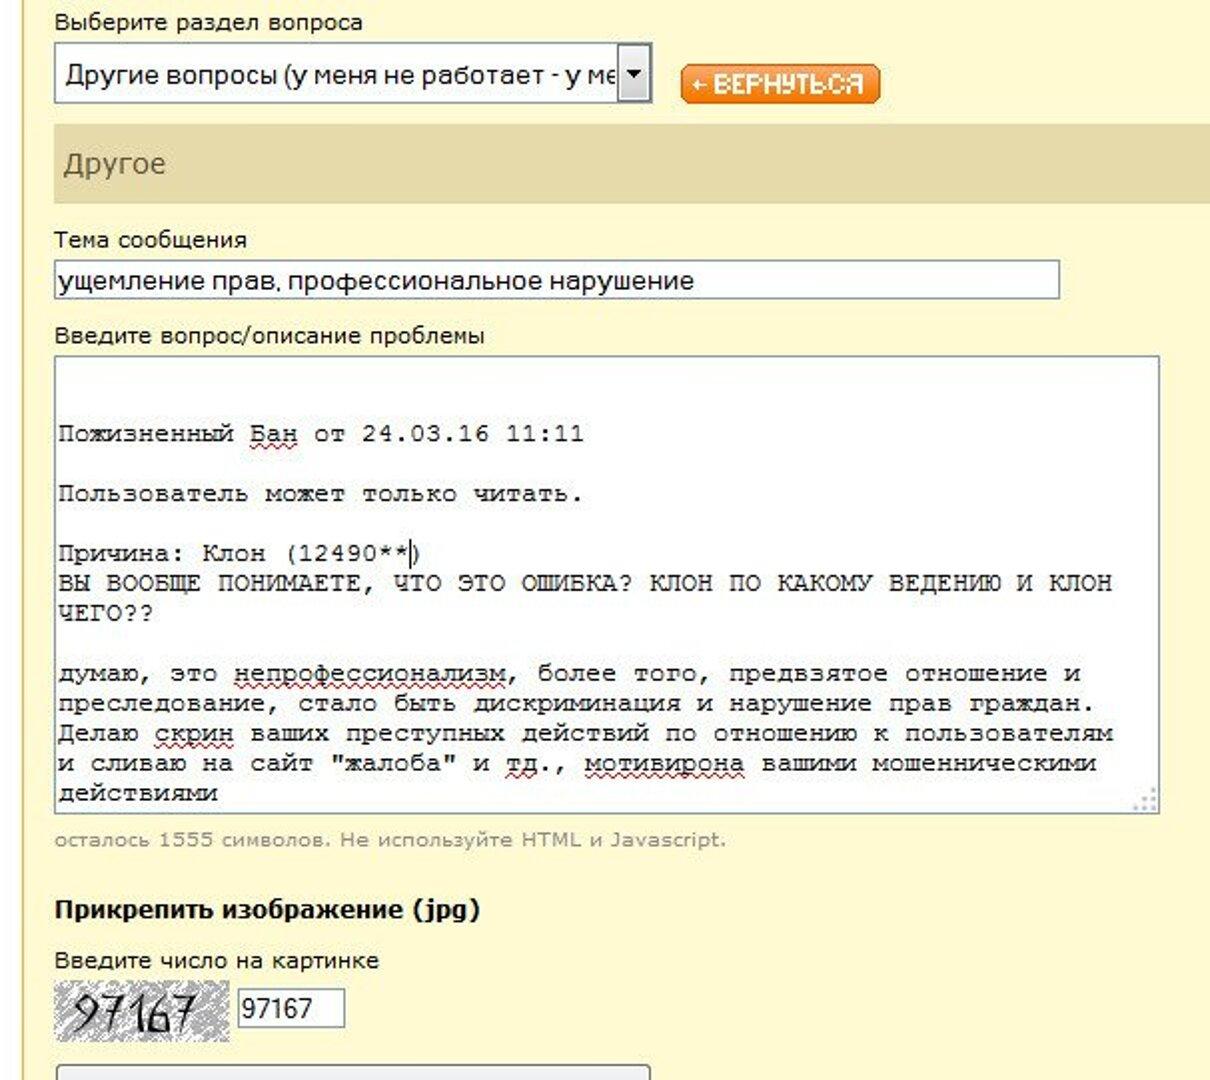 Жалоба-отзыв: Кидстафф, kidstaff.com.ua - Беспредел админов, преследование, издевательства, ограничение и нарушение прав граждан.  Фото №2